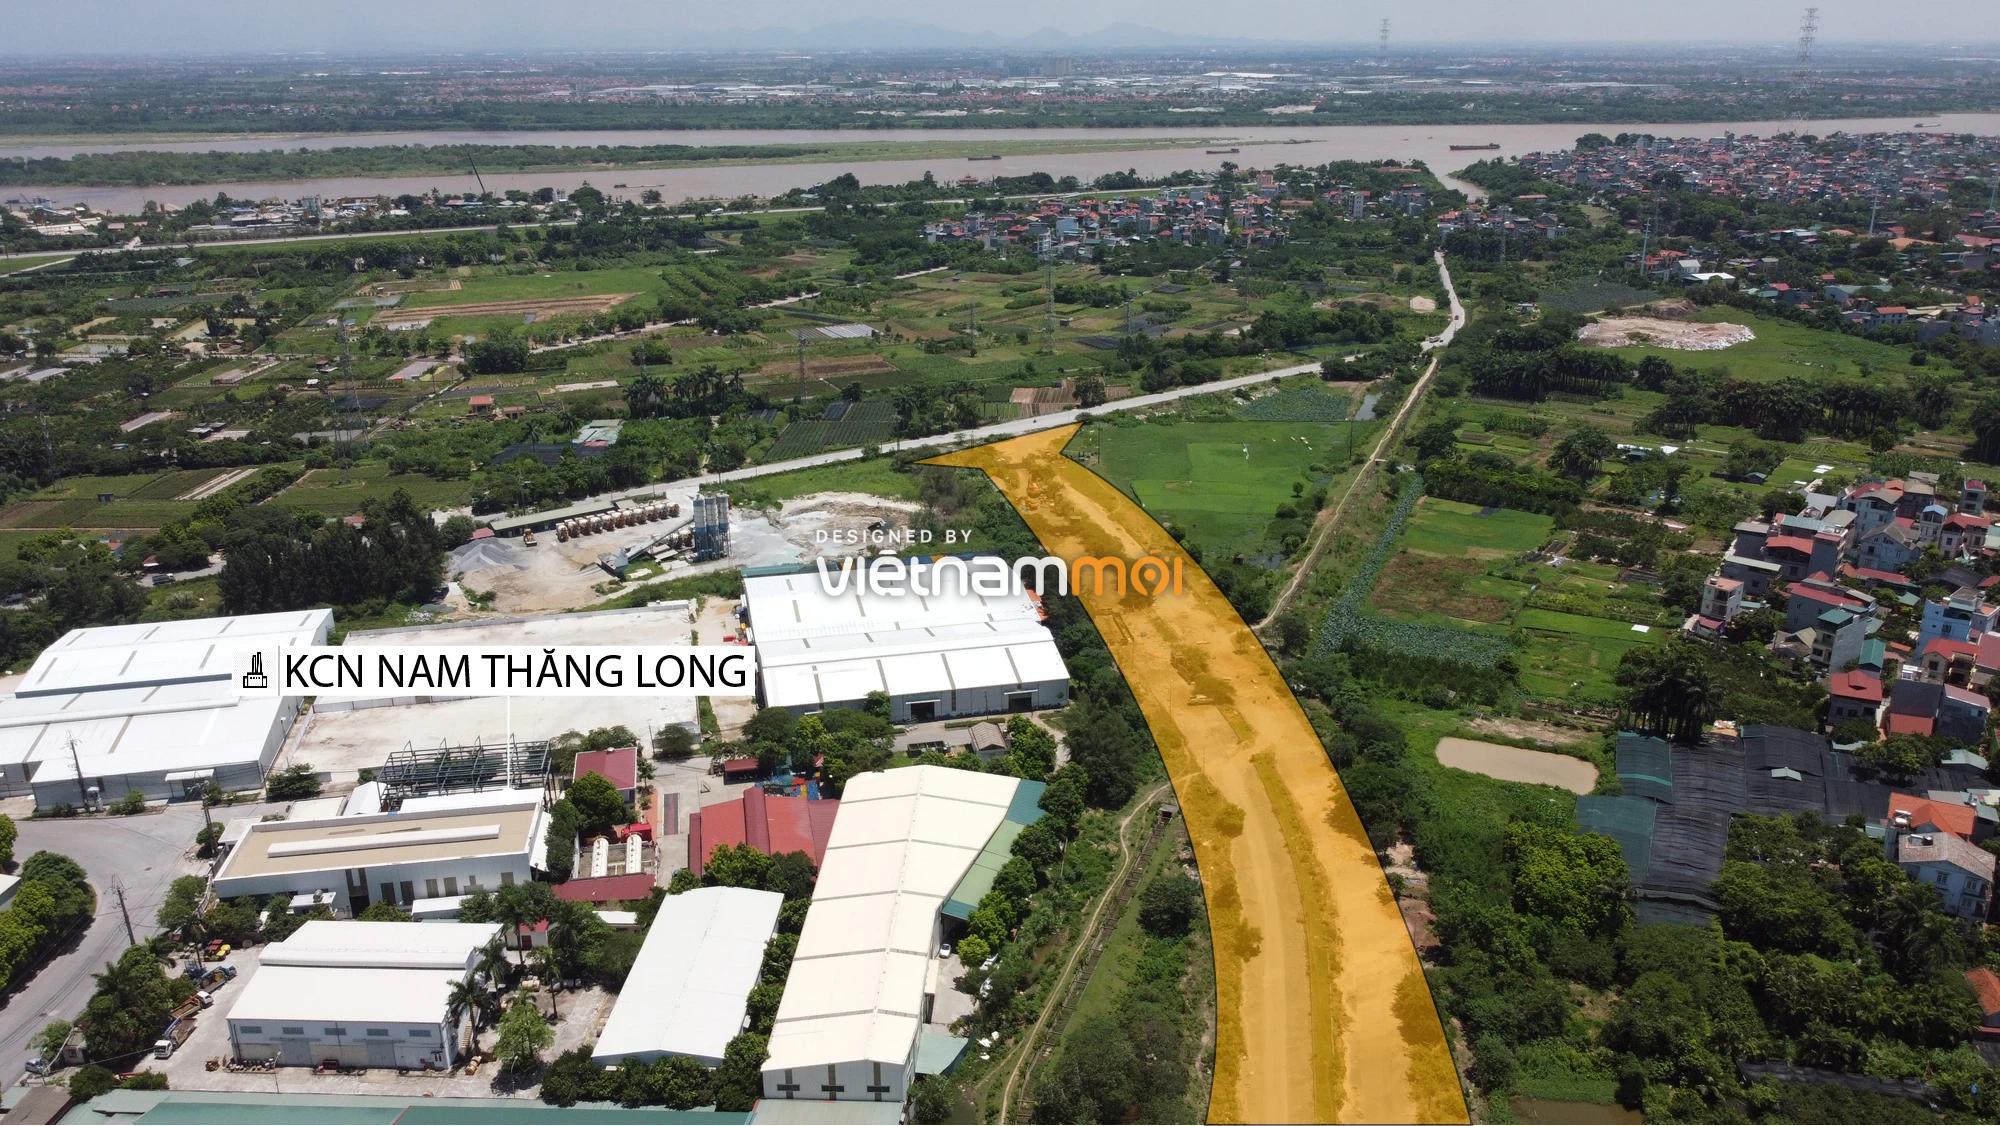 Chuyển động mới ở dự án đường vào KCN Nam Thăng Long, Bắc Từ Liêm, Hà Nội - Ảnh 13.